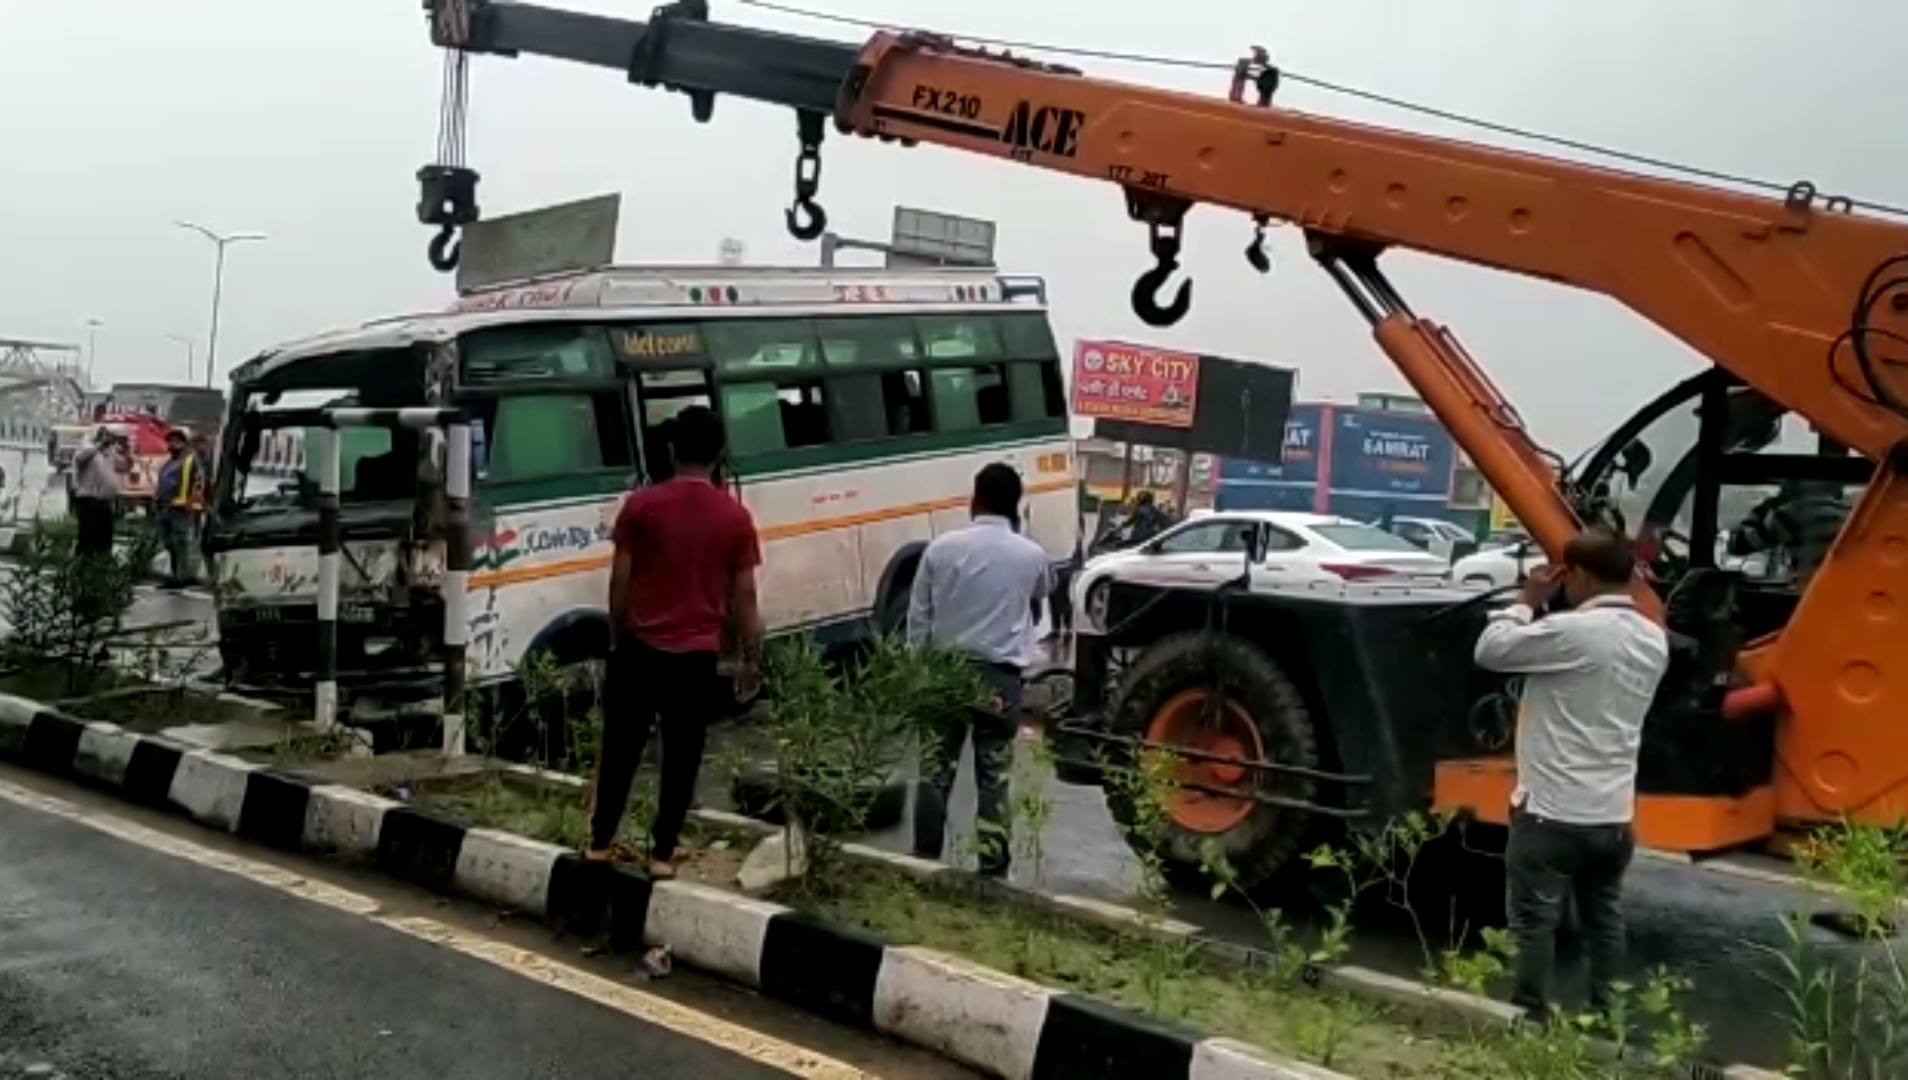 दिल्ली-लखनऊ हाईवे पर गाजियाबाद में हादसा, चींख-पुकार सुनकर दौड़े लोगों ने बस से निकाले चोटिल यात्री|उत्तरप्रदेश,Uttar Pradesh - Dainik Bhaskar